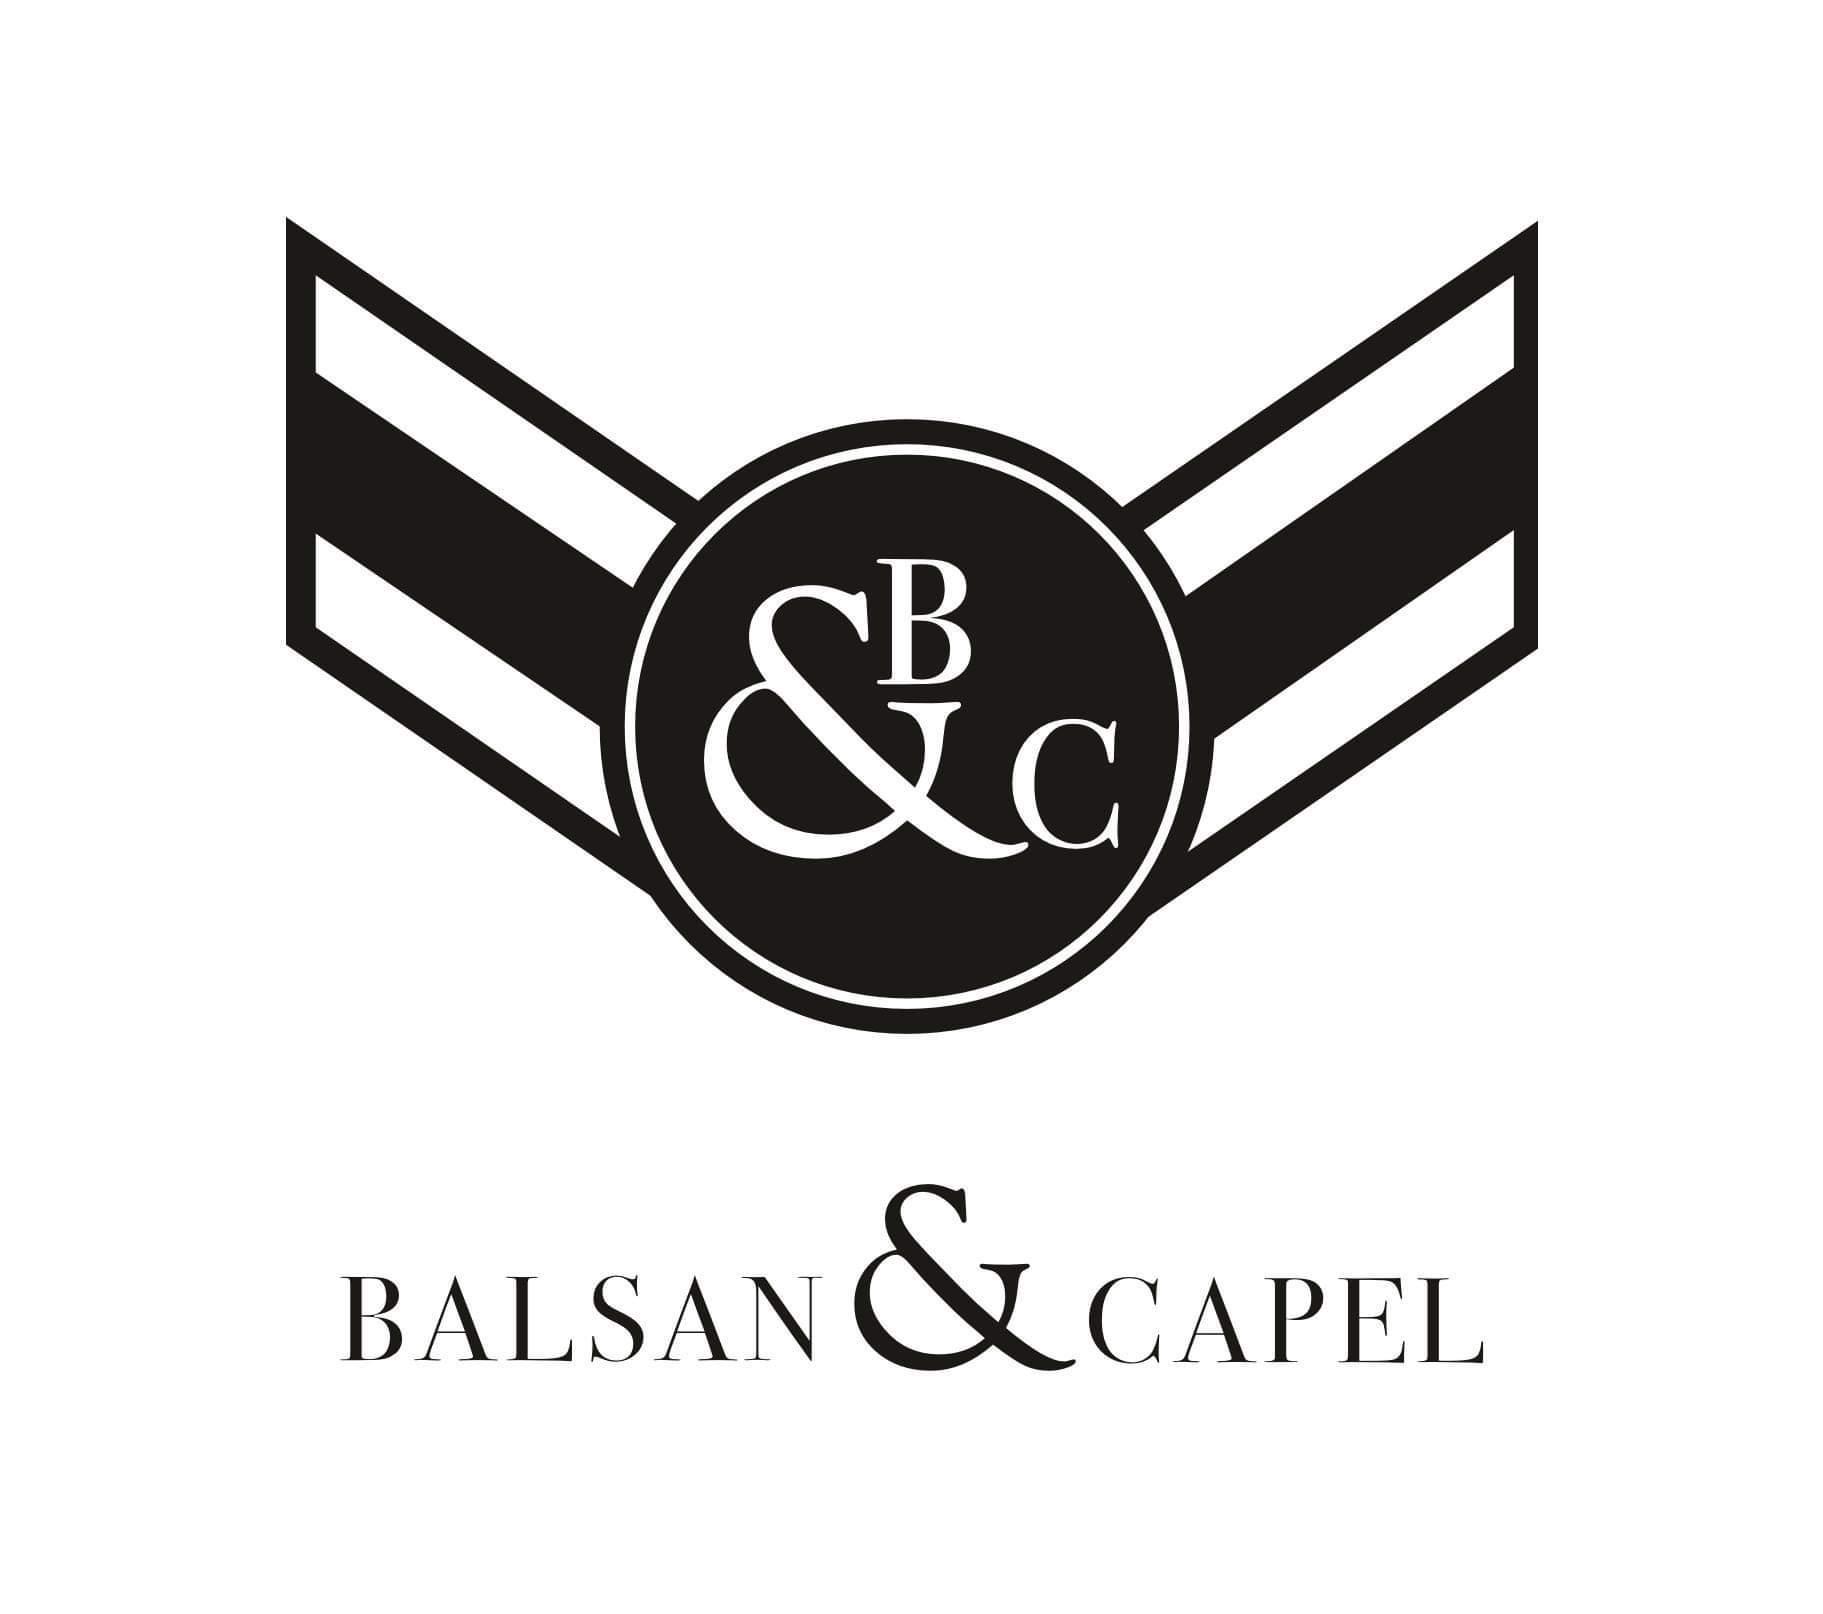 Bildmarke: Balsan & Capel